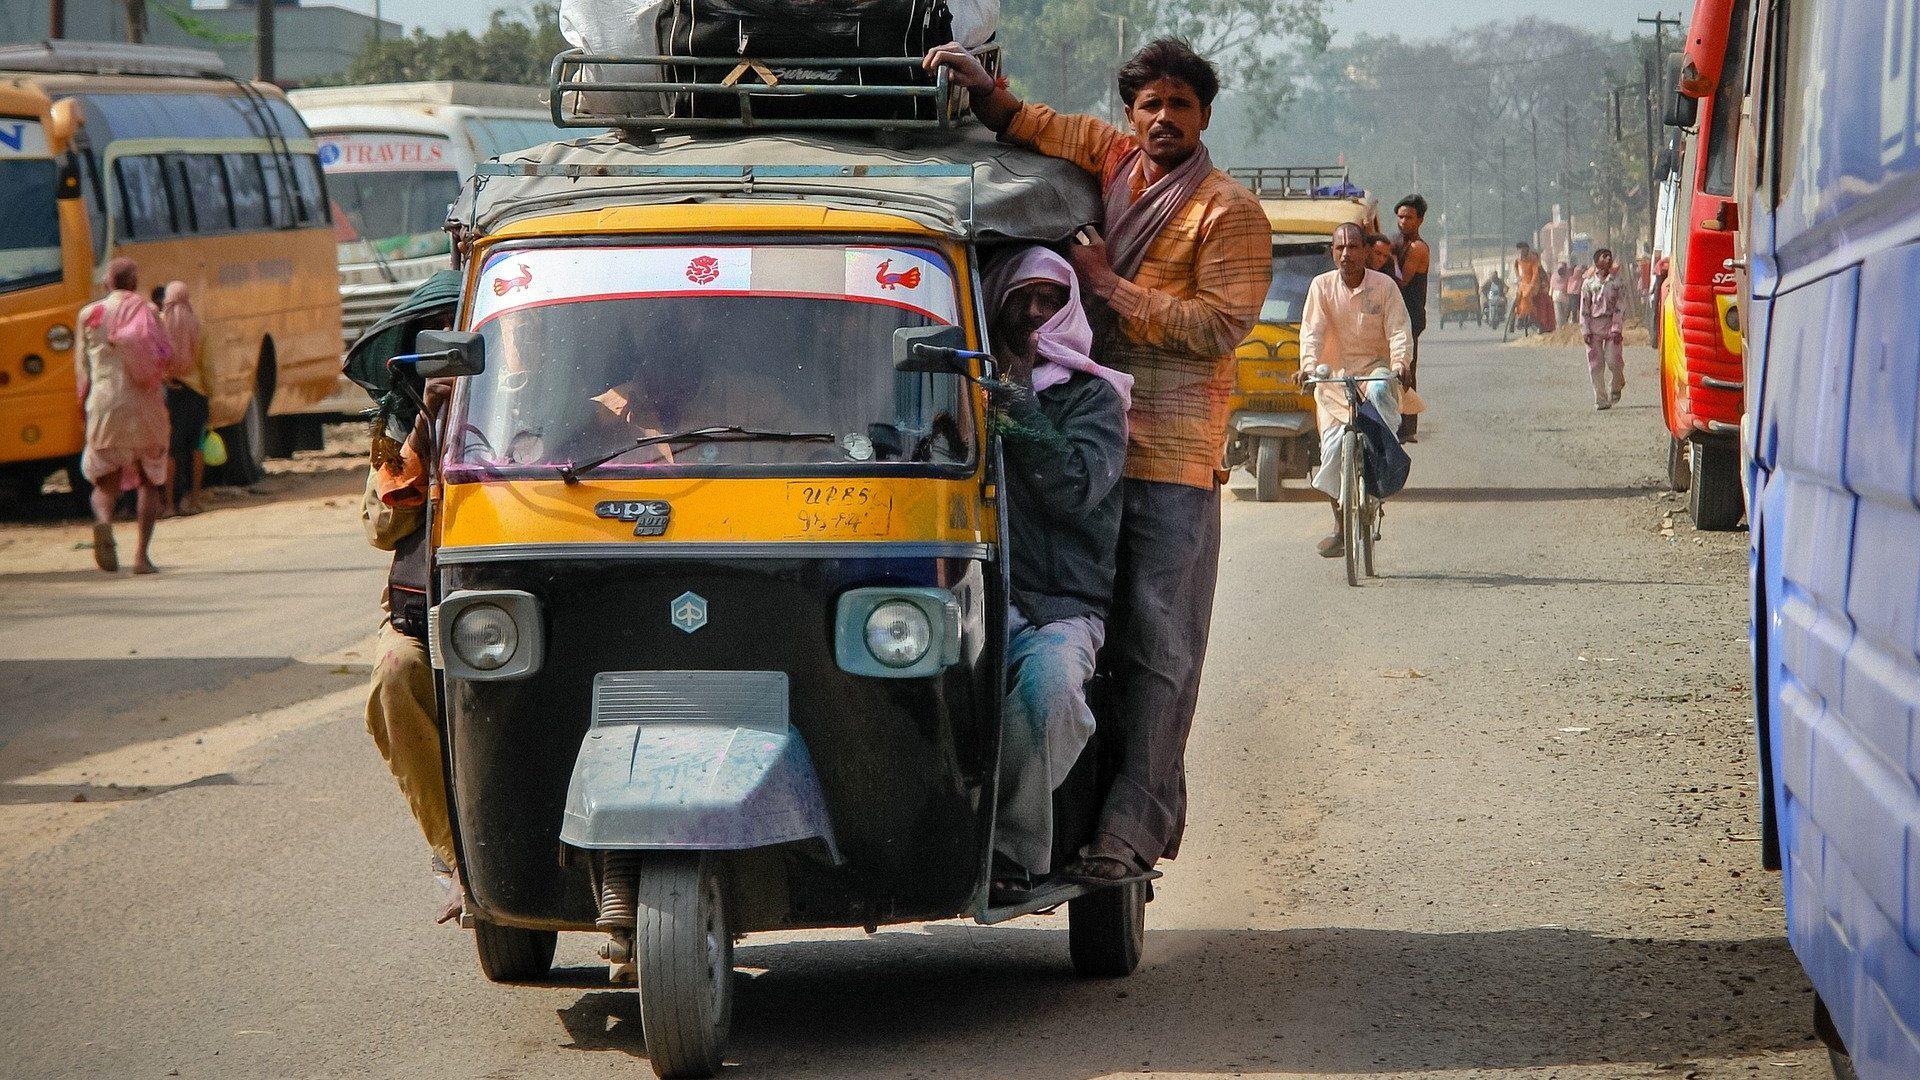 מבטחי החיים בהודו מעלים מחירים, אך ההכנסה הכוללת בירידה